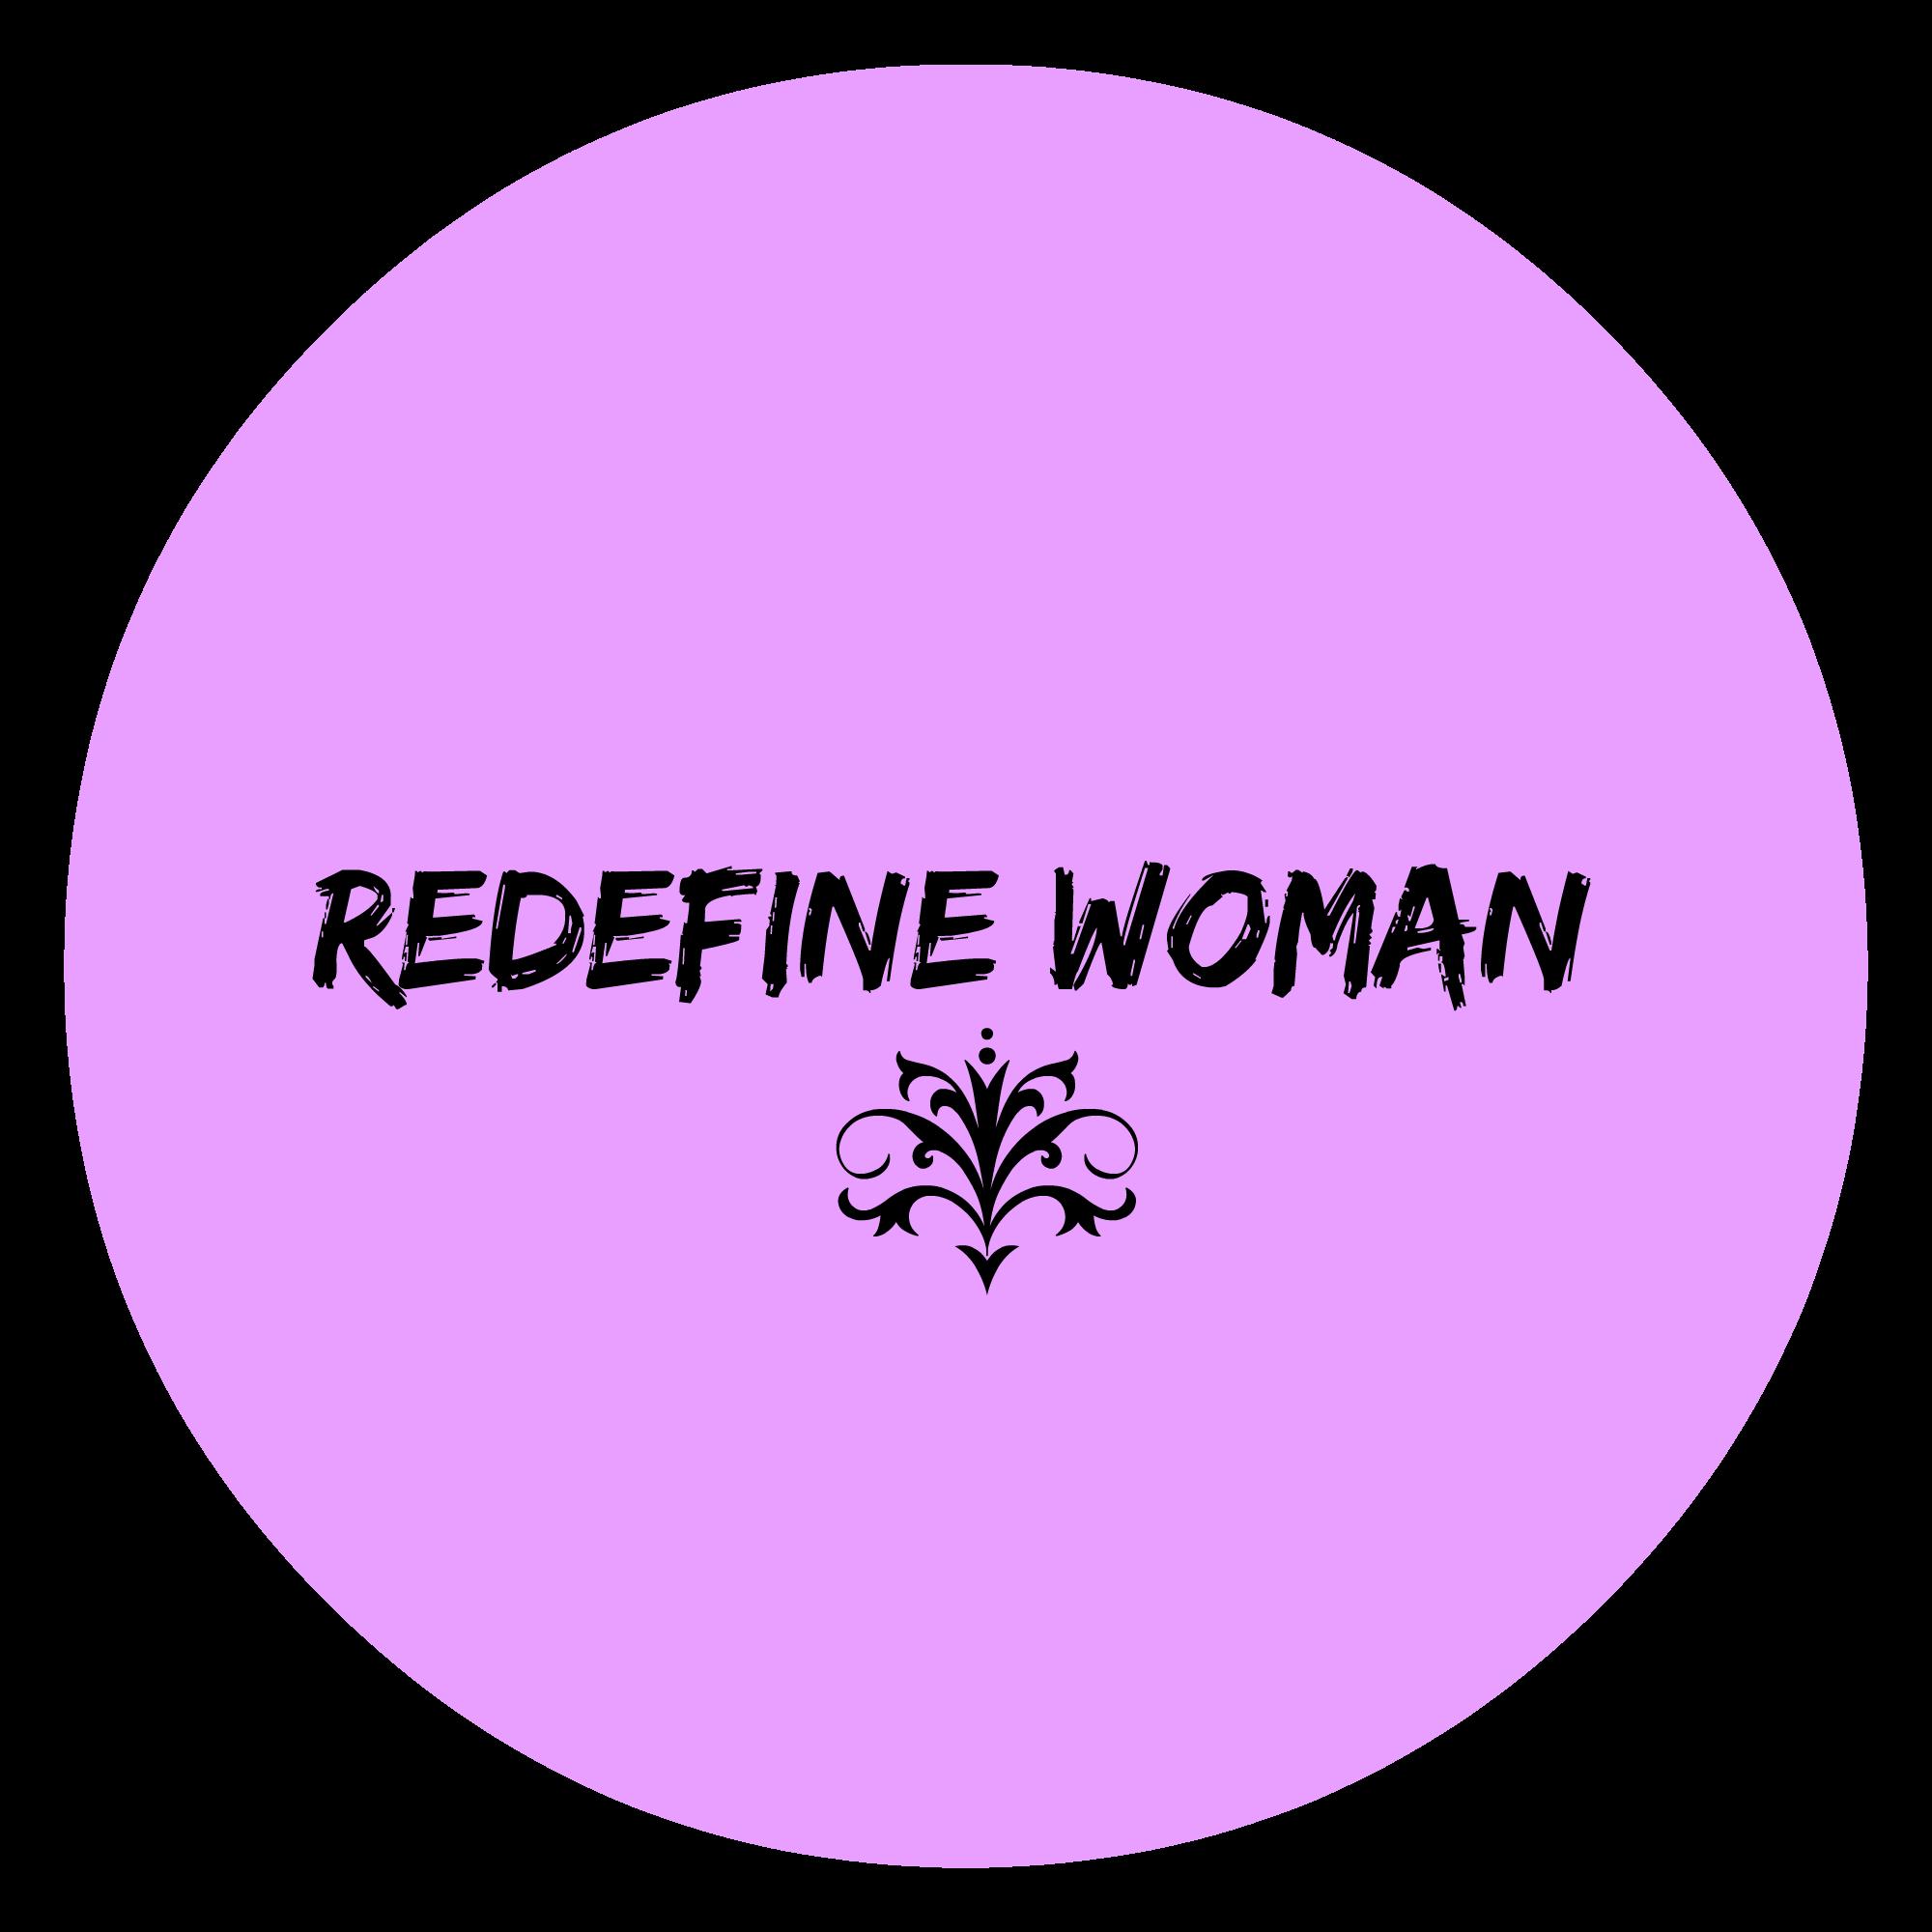 Woman Redefine 4990_21082016204239